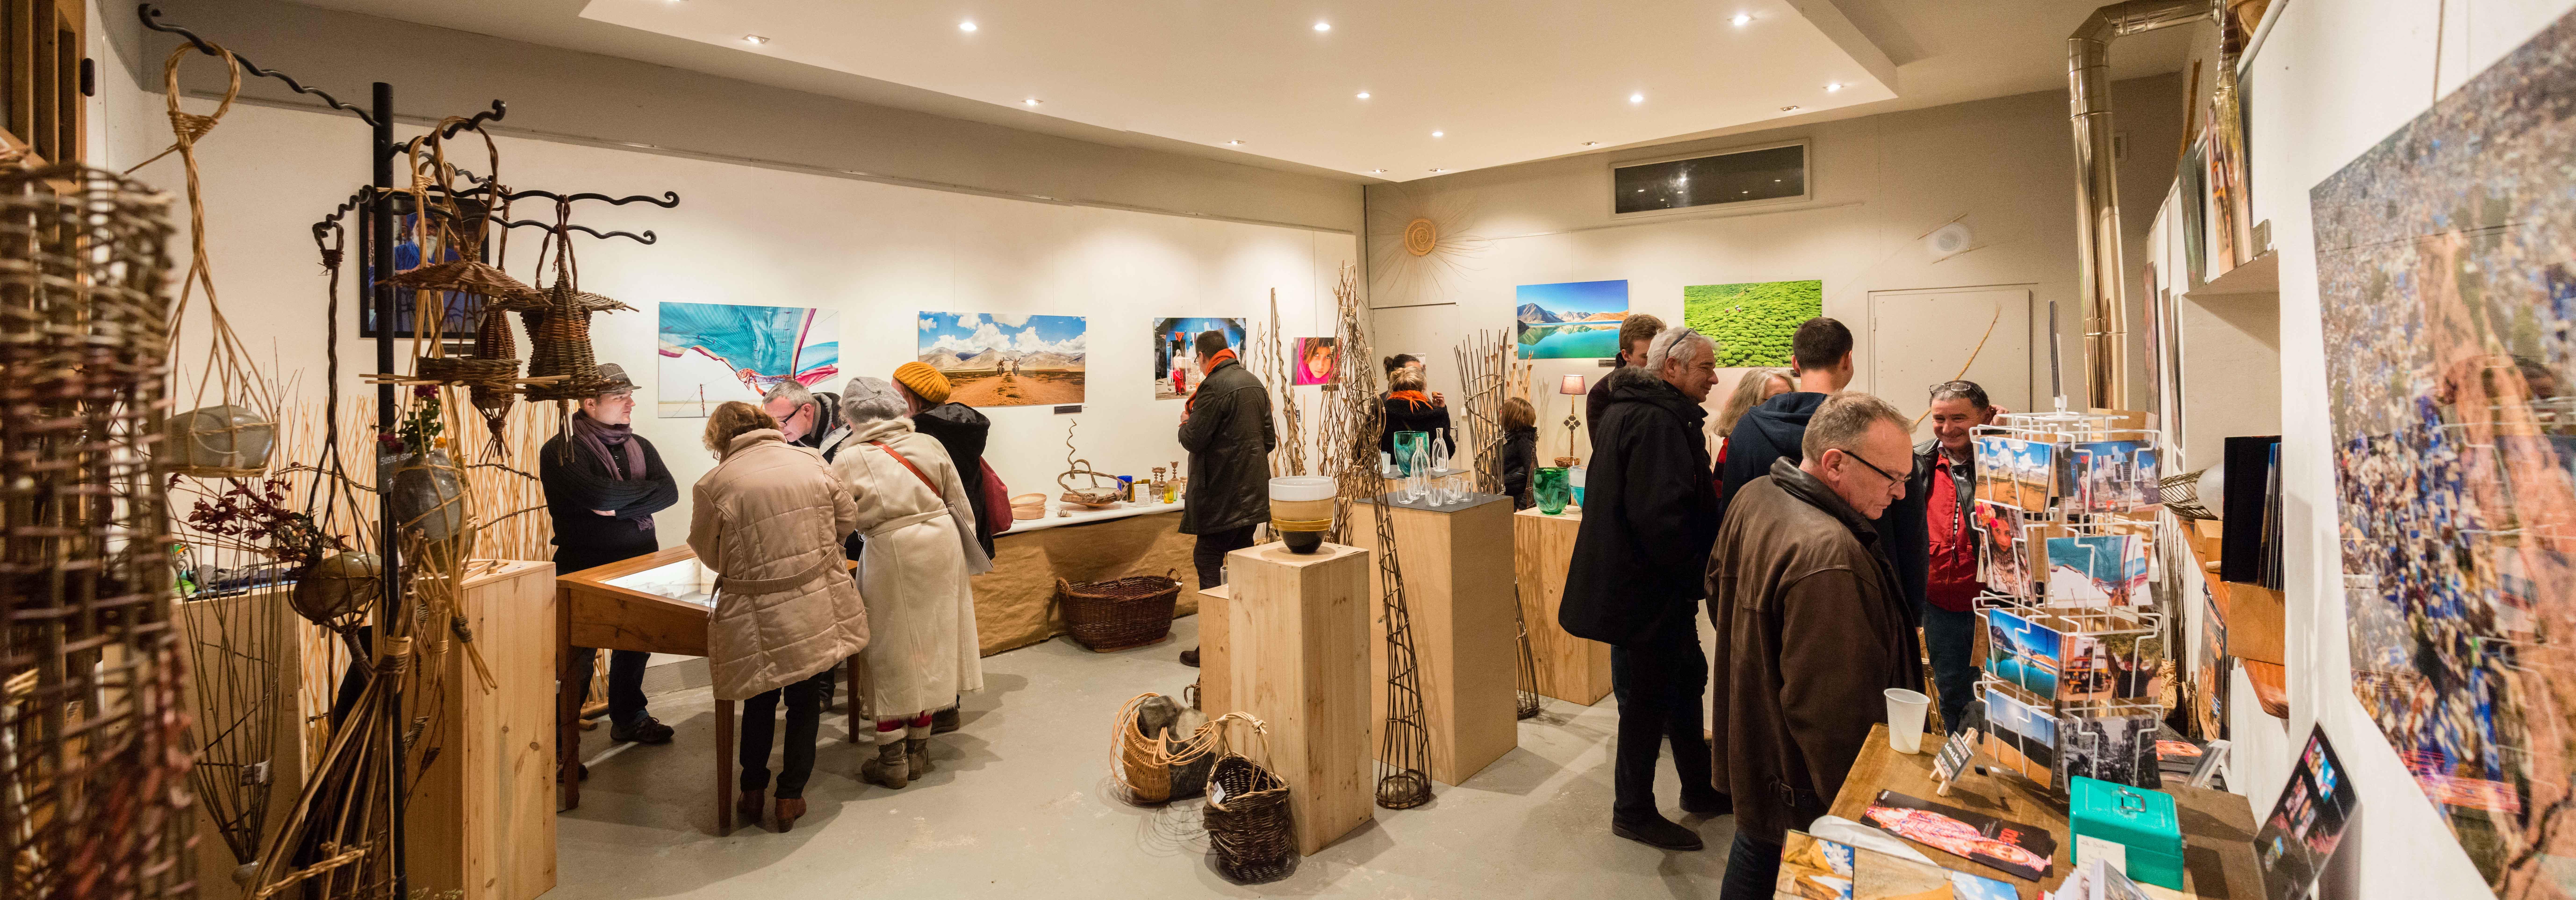 Expo Métier d'Art dans la galerie Hervé Brisot